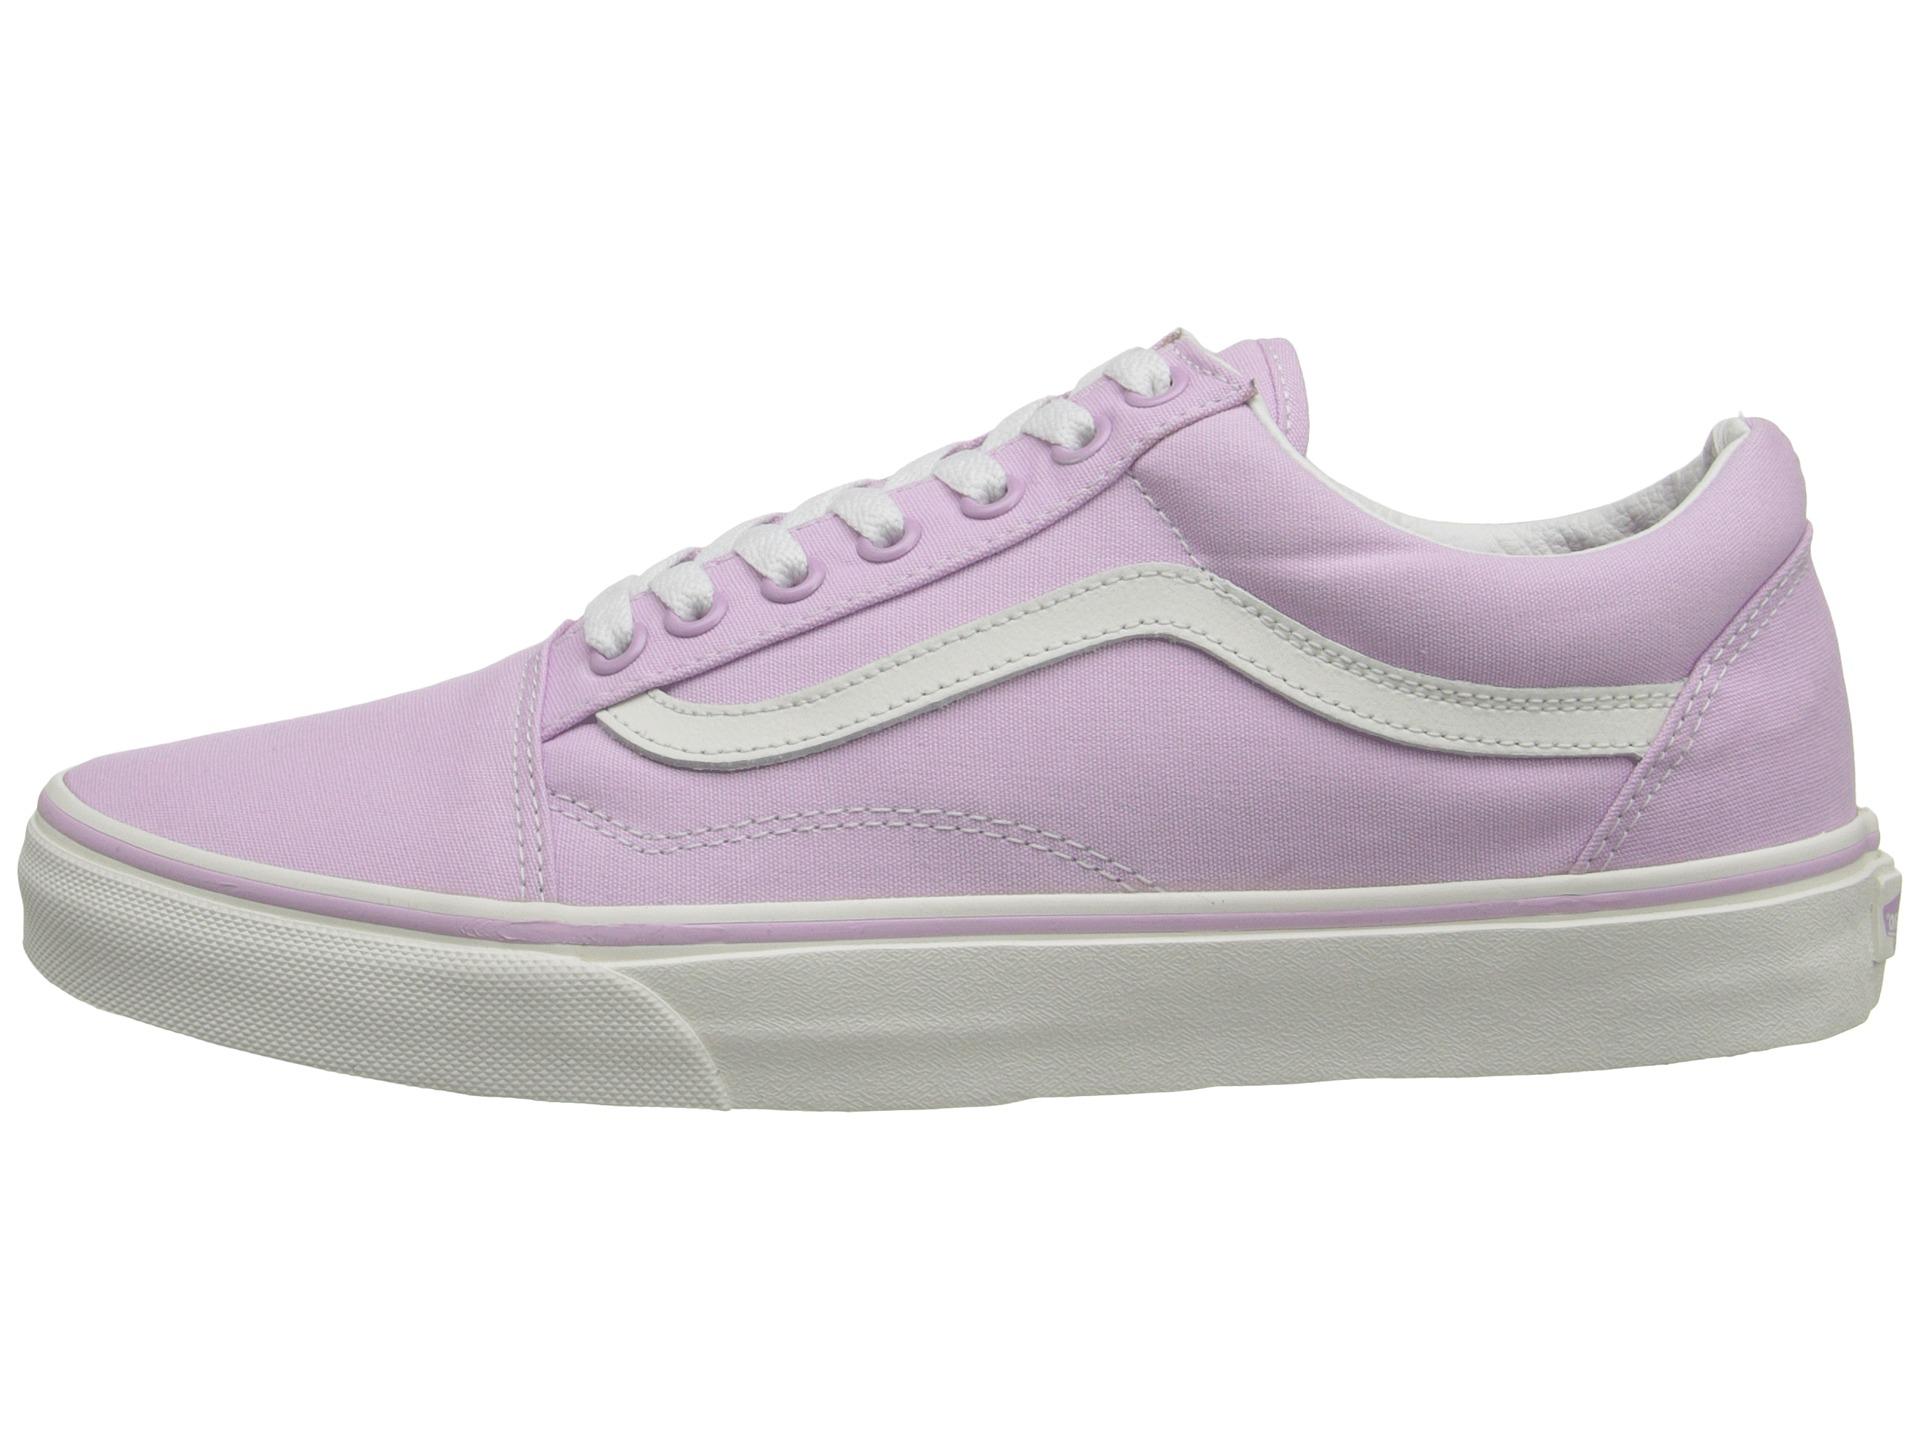 02ecce1c3bd Lyst - Vans Old Skool™ in Purple